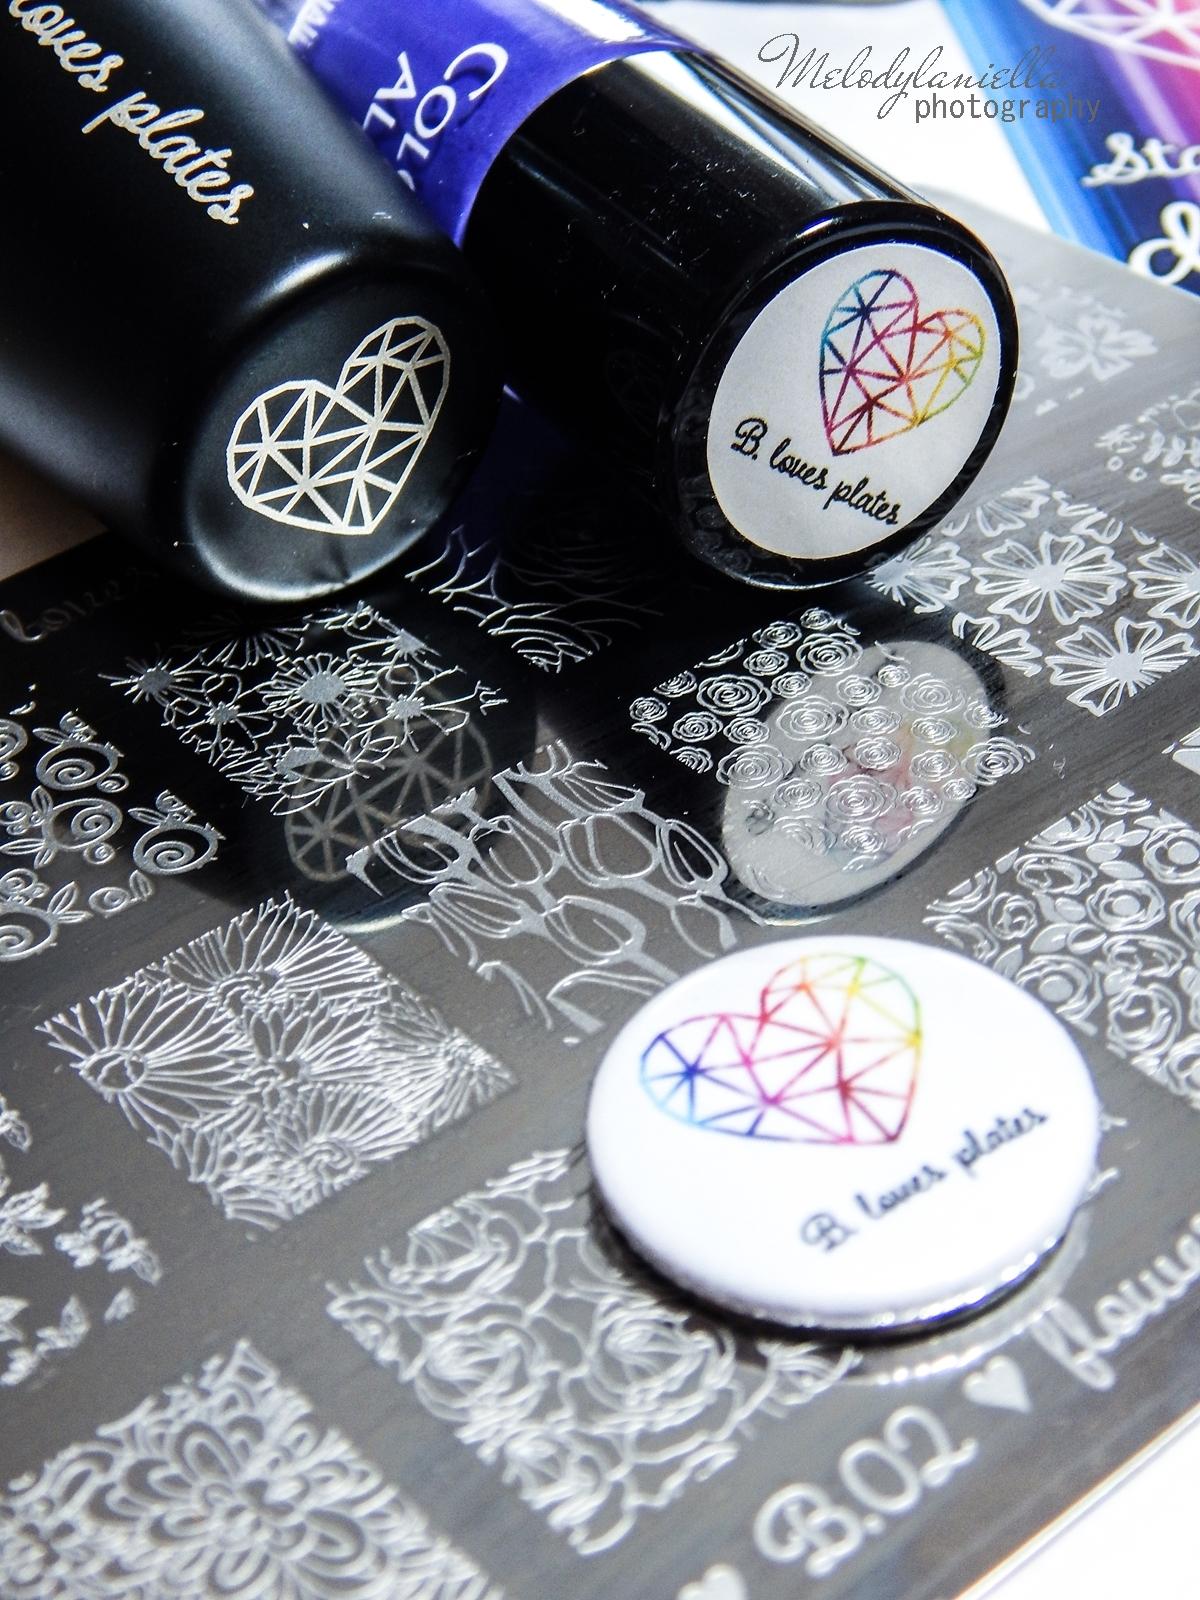 _6 nagłówek stemplowanie paznokci jak stemplować paznokcie produkty płytki lakiery do stemplowania b loves plates